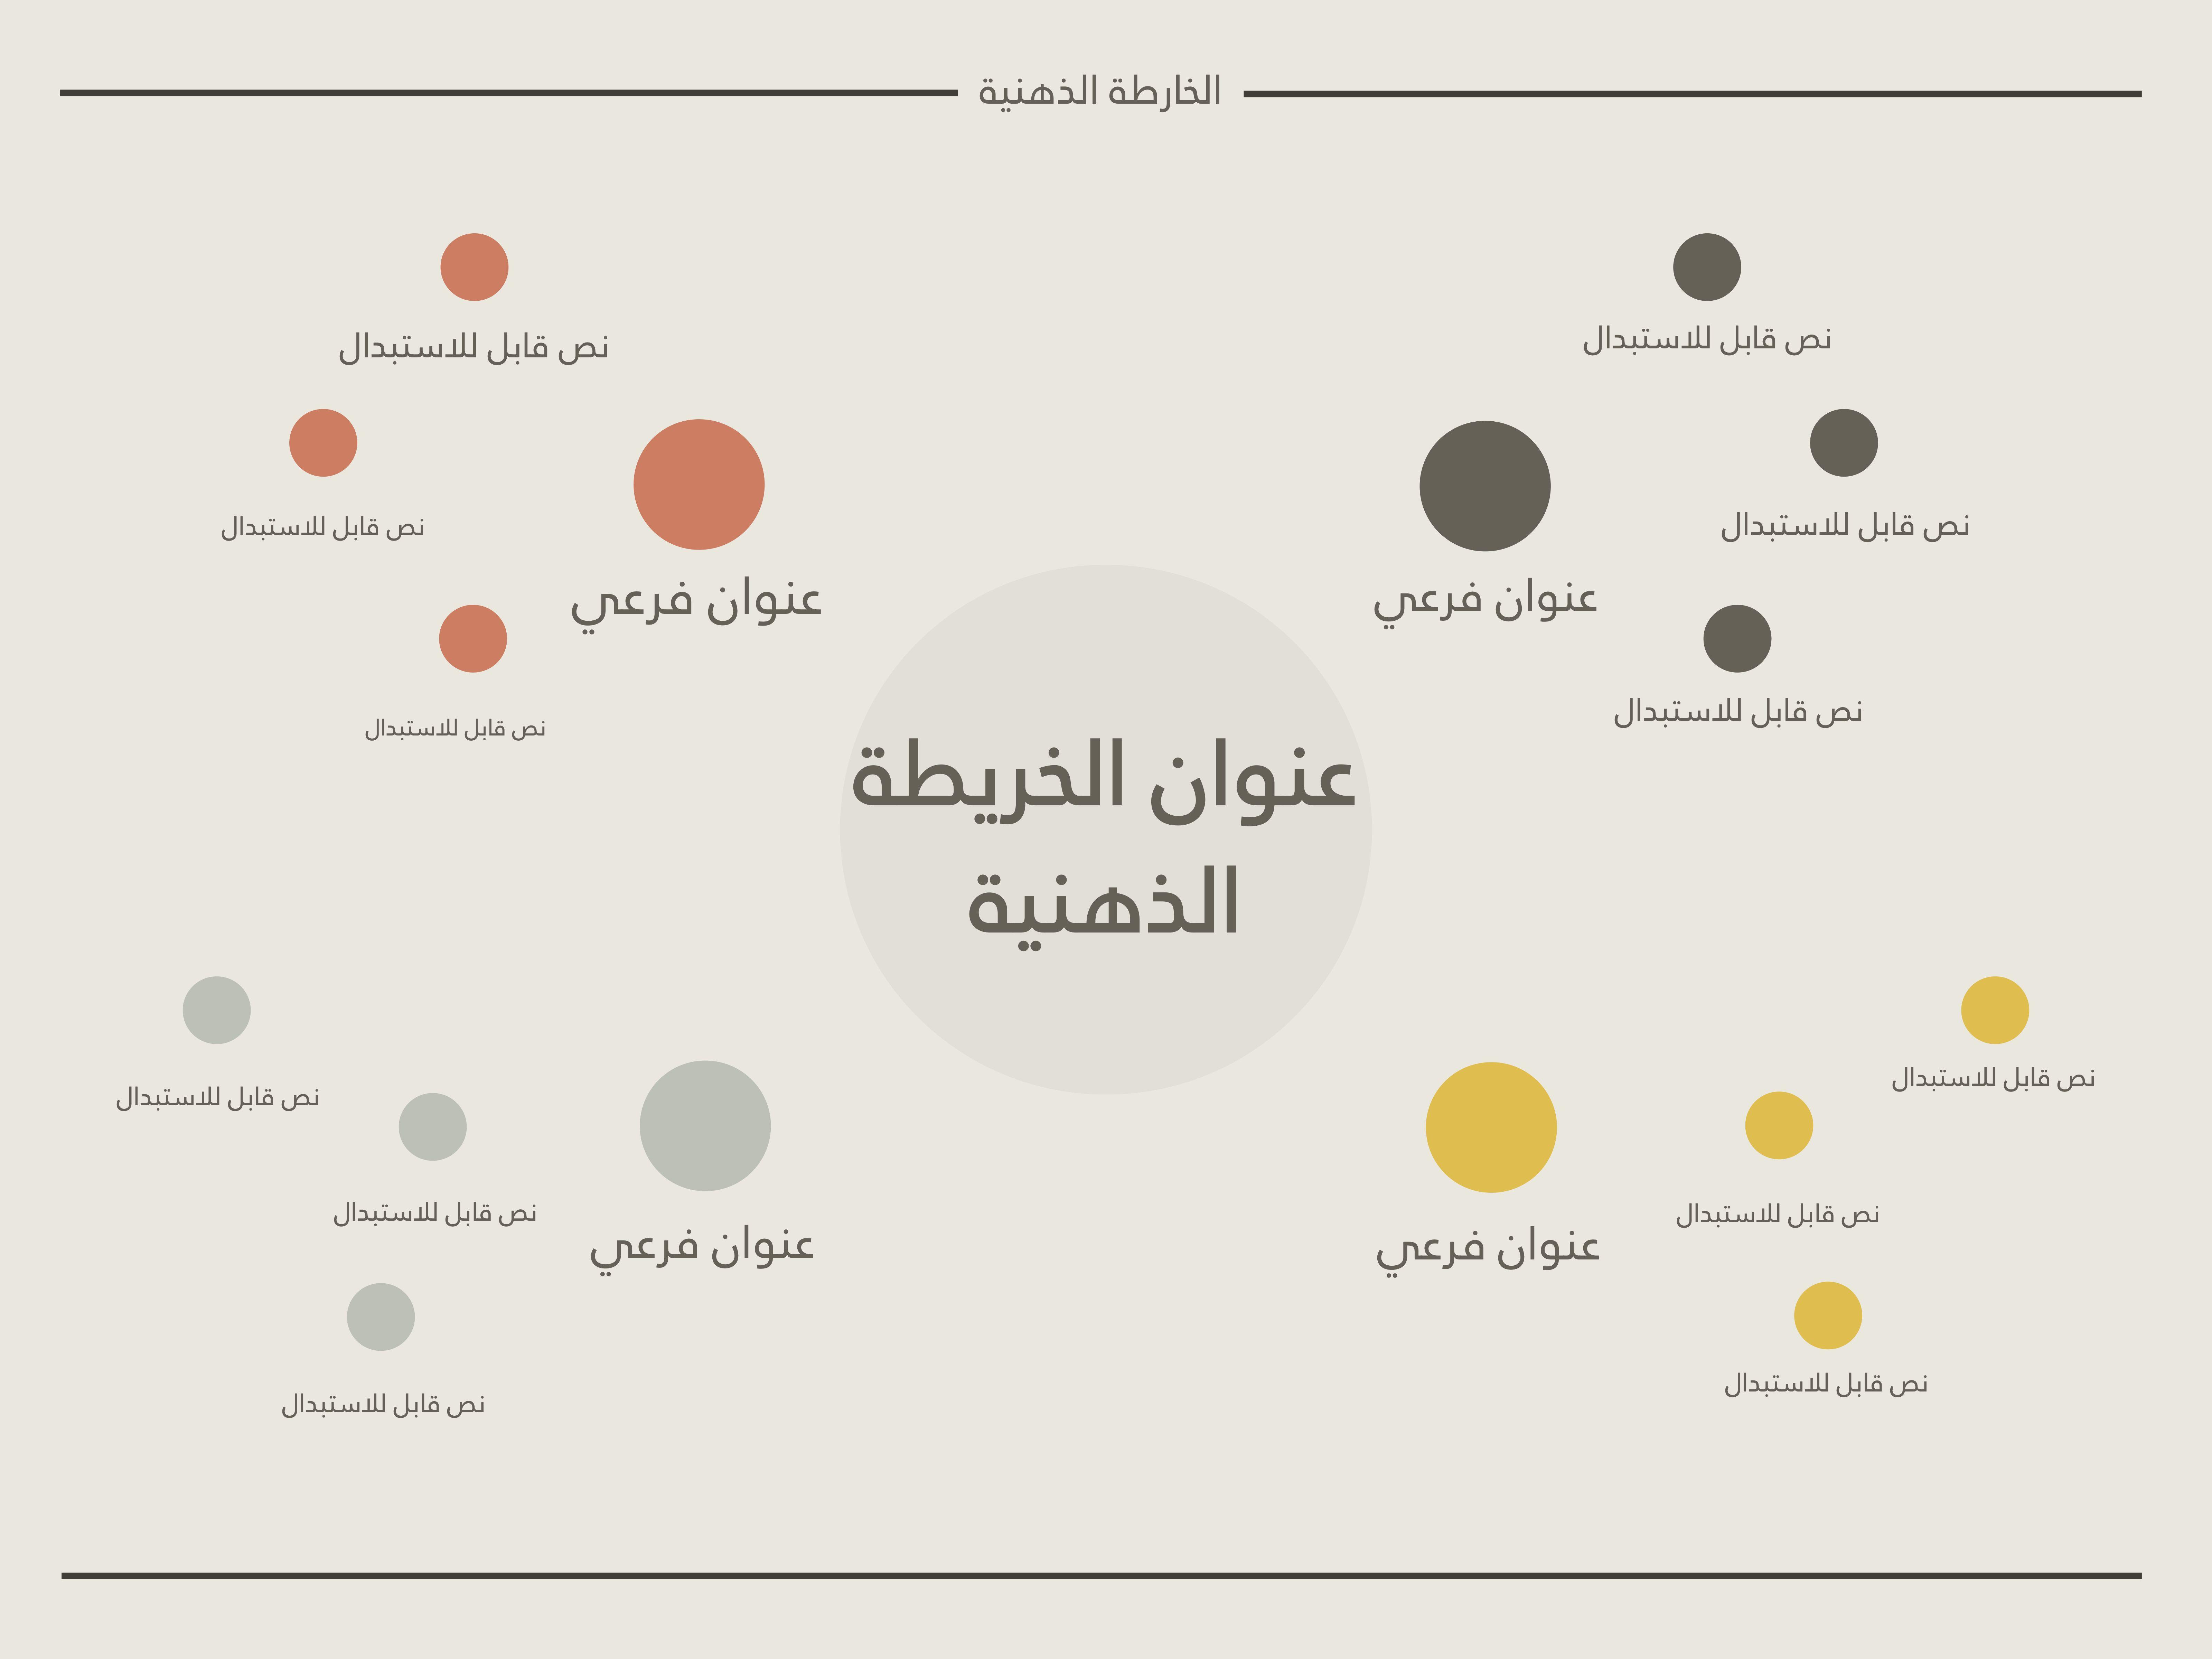 قالب خريطة ذهنية بوربوينت عربي للتحميل Chart Pie Chart